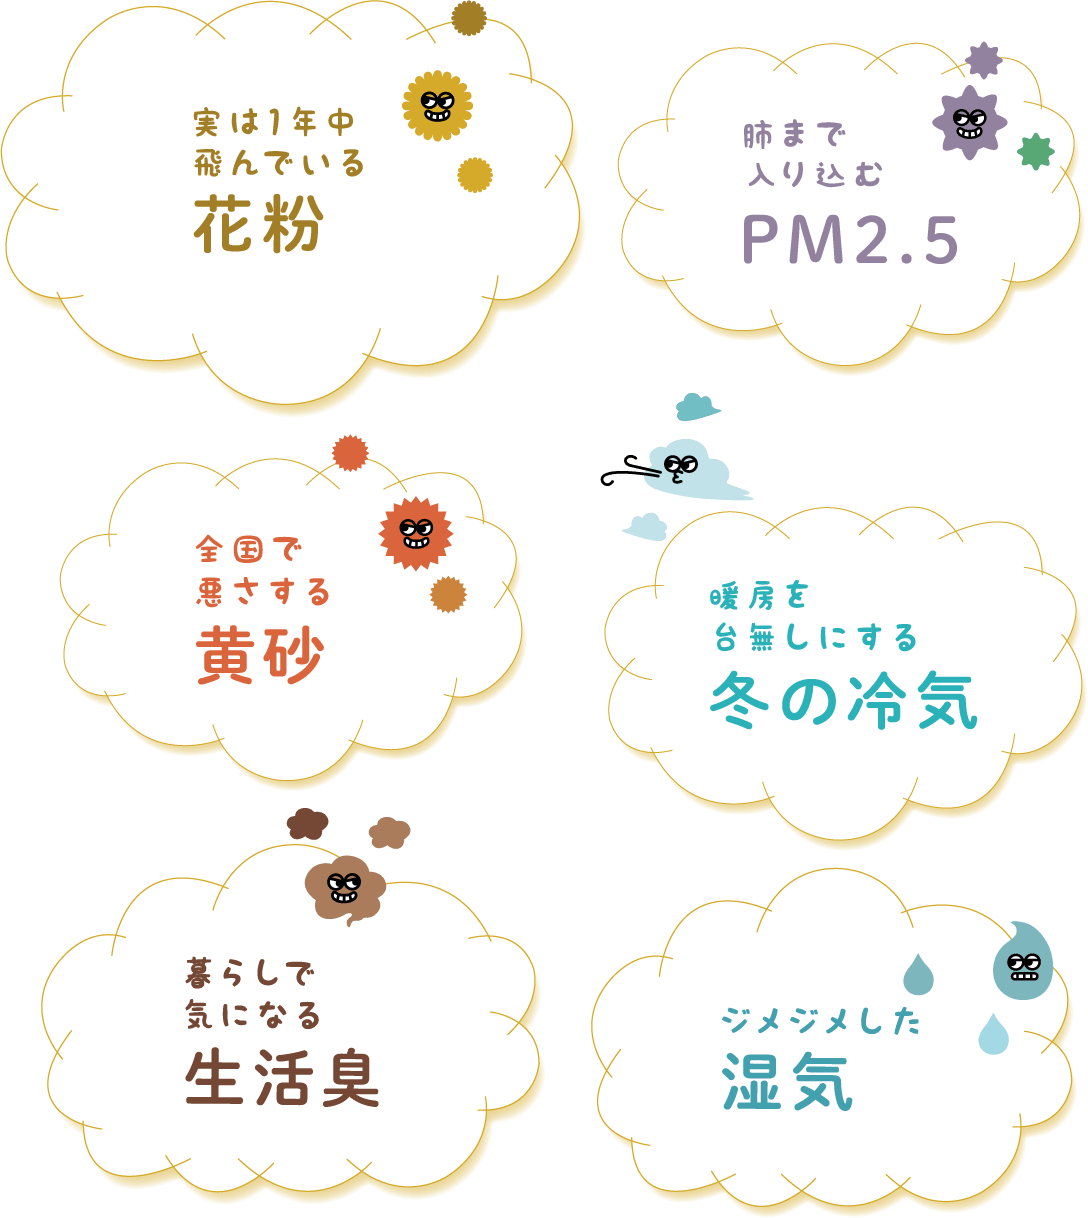 花粉、PM2.5、黄砂、冬の冷気、生活臭、湿気